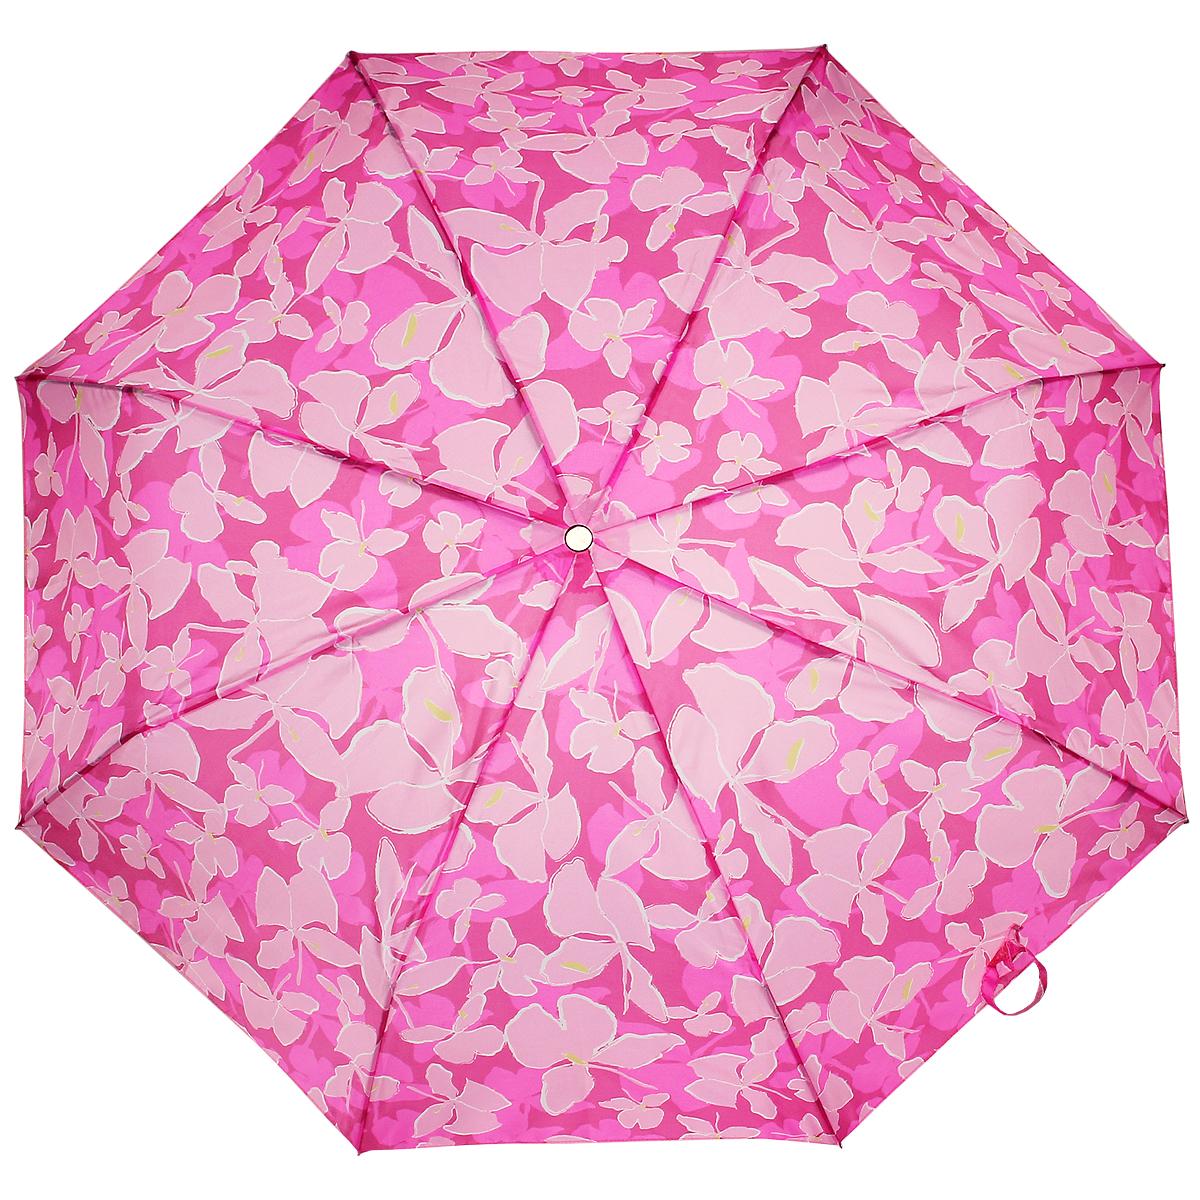 Зонт женский Edmins, автомат, 3 сложения, цвет: розовый. 112 45112 45Очаровательный автоматический зонт Edmins в 3 сложения даже в ненастную погоду позволит вам оставаться стильной и элегантной. Каркас зонта состоит из 8 металлических спиц и прочного стержня. Купол зонта выполнен из полиэстера и оформлен цветочным узором. Рукоятка выполнена из пластика. Зонт имеет полный автоматический механизм сложения: купол открывается и закрывается нажатием кнопки на рукоятке, стержень складывается вручную до характерного щелчка. Благодаря этому открыть и закрыть зонт можно одной рукой, что чрезвычайно удобно при входе в транспорт или помещение. Небольшой шнурок, расположенный на рукоятке, позволяет надеть изделие на руку при необходимости. Модель закрывается при помощи хлястика на застежке-липучке. К зонту прилагается чехол. Такой зонт не только надежно защитит вас от дождя, но и станет стильным аксессуаром, который идеально подчеркнет ваш неповторимый образ.